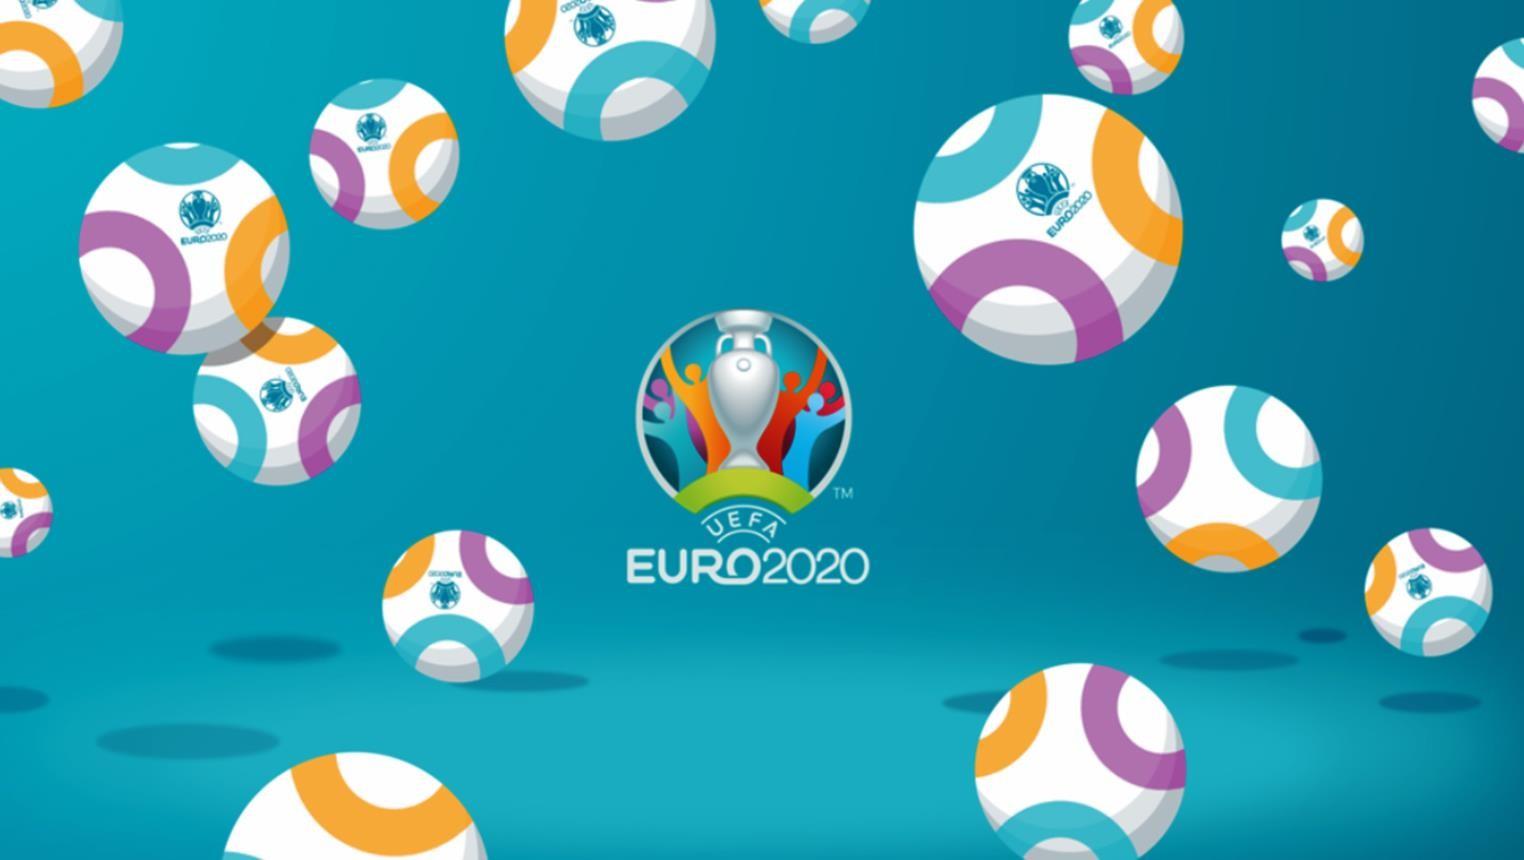 موعد والقنوات الناقلة لأبرز مباريات اليوم الأحد 6 يونيو 2021 .. بلجيكا ضد كرواتيا .. إنجلترا ضد رومانيا